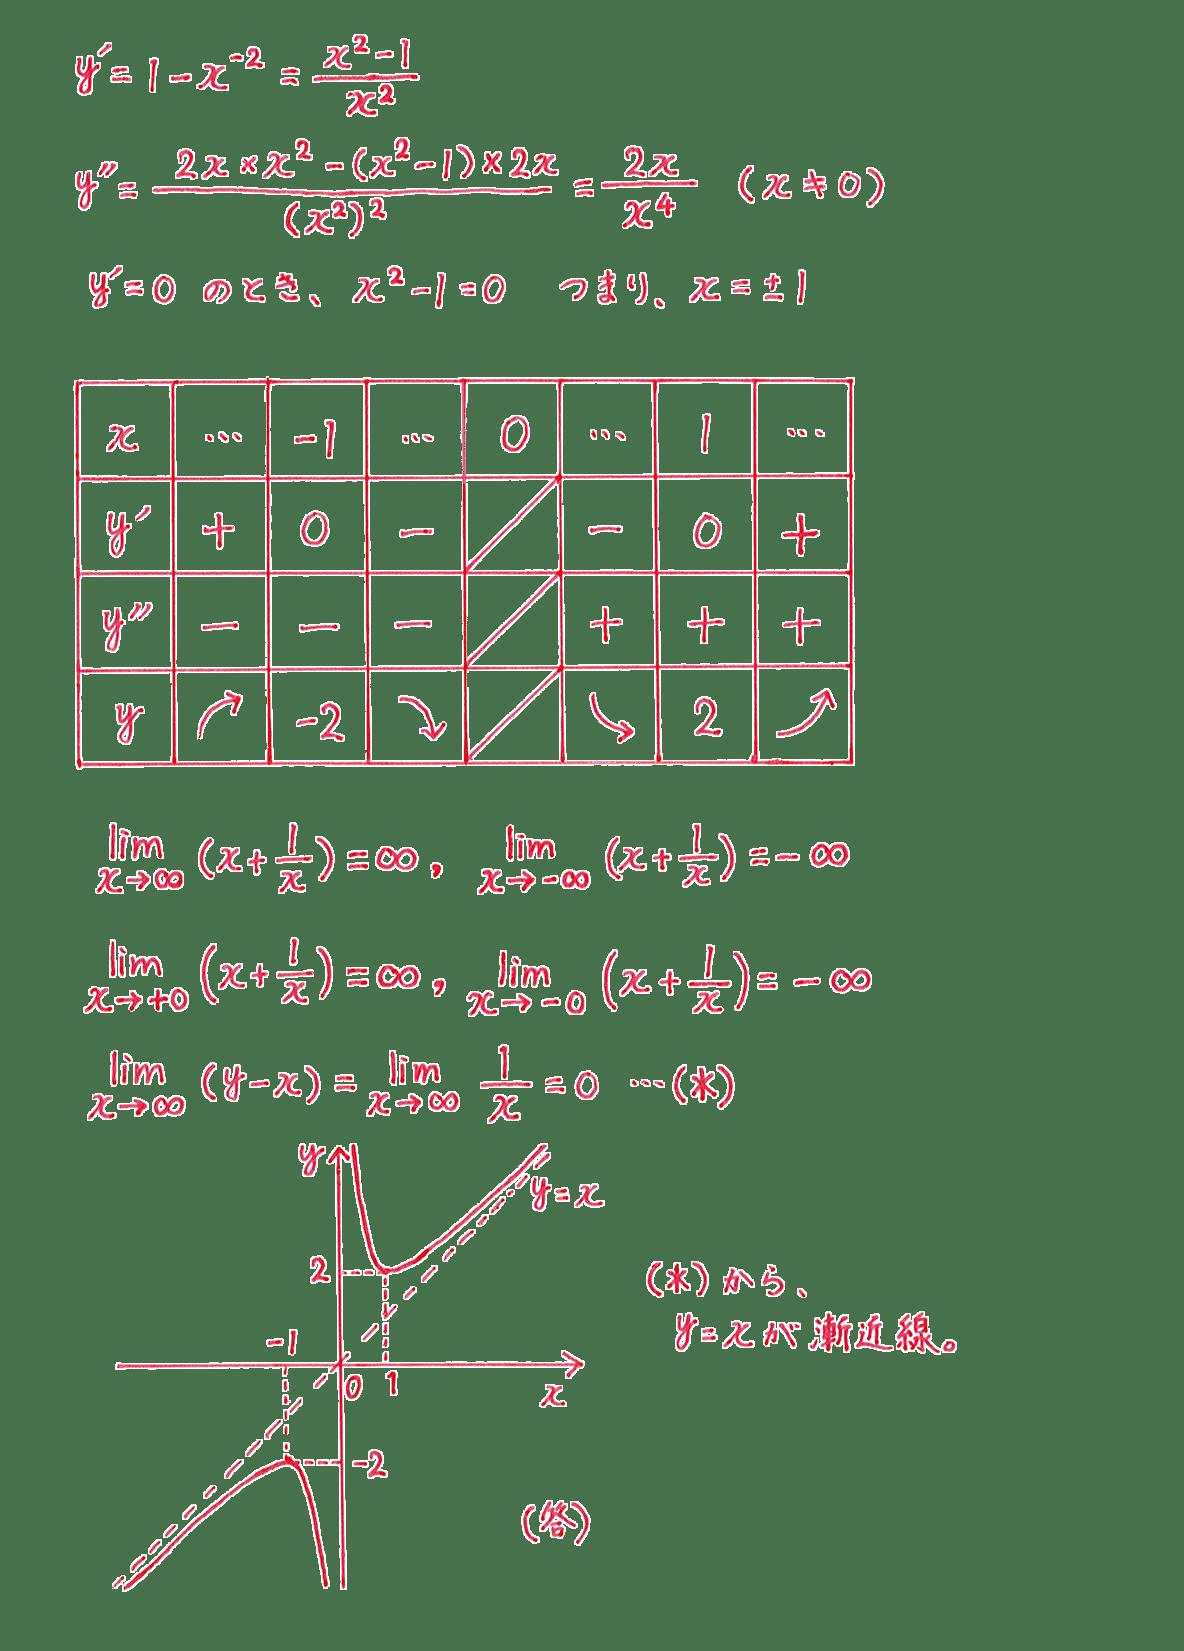 微分法の応用21 問題 答え